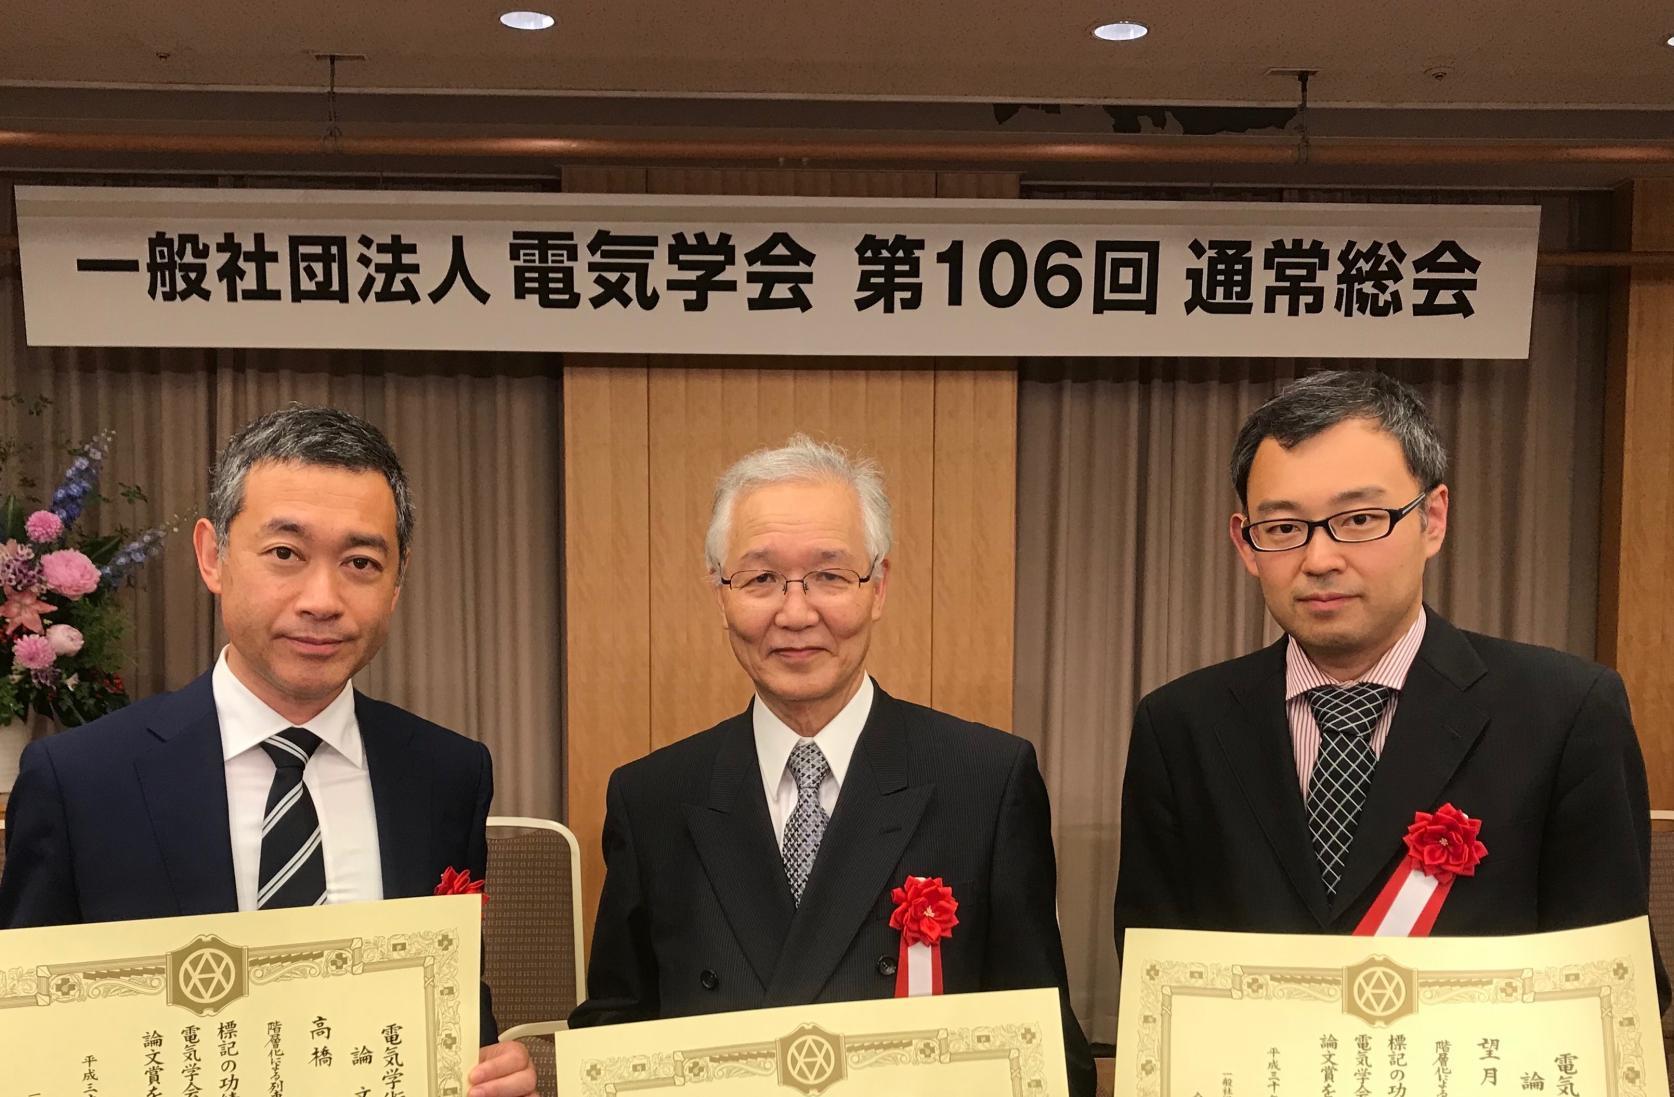 応用情報工学科の中村英夫元教授、望月寛准教授および高橋聖教授が、一般社団法人電気学会第74回電気学術振興賞 論文賞 を受賞しました。